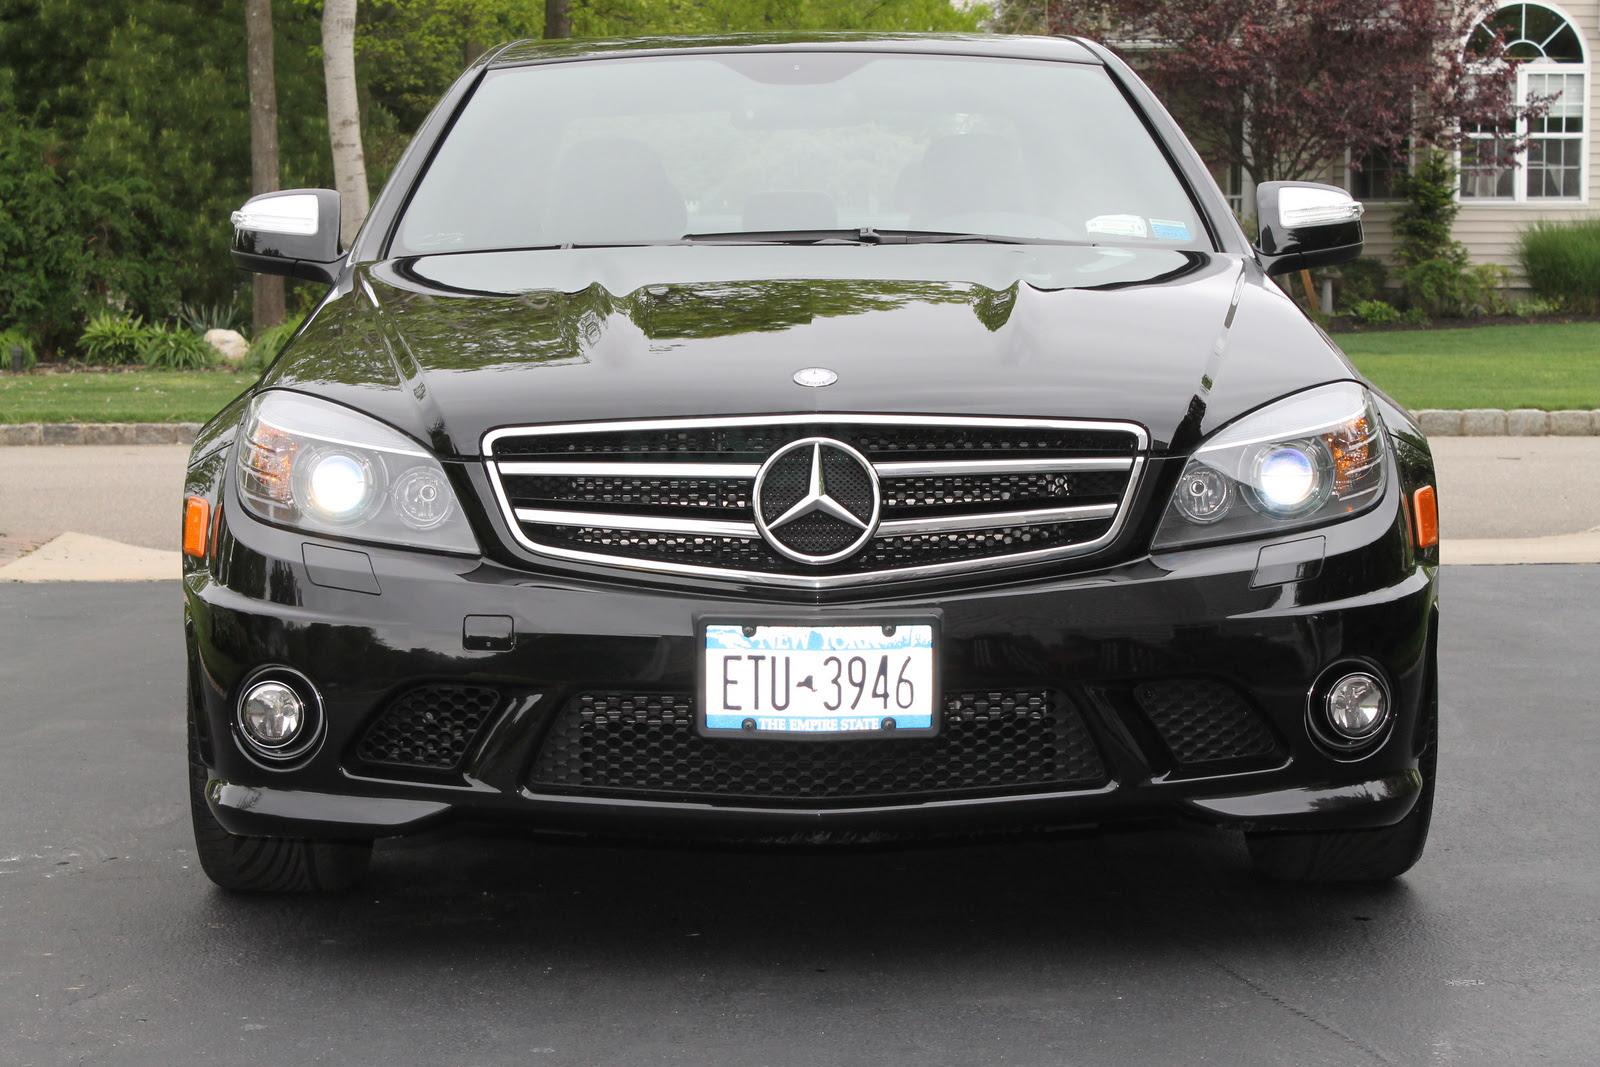 2009 Mercedes-Benz C-Class - Exterior Pictures - CarGurus